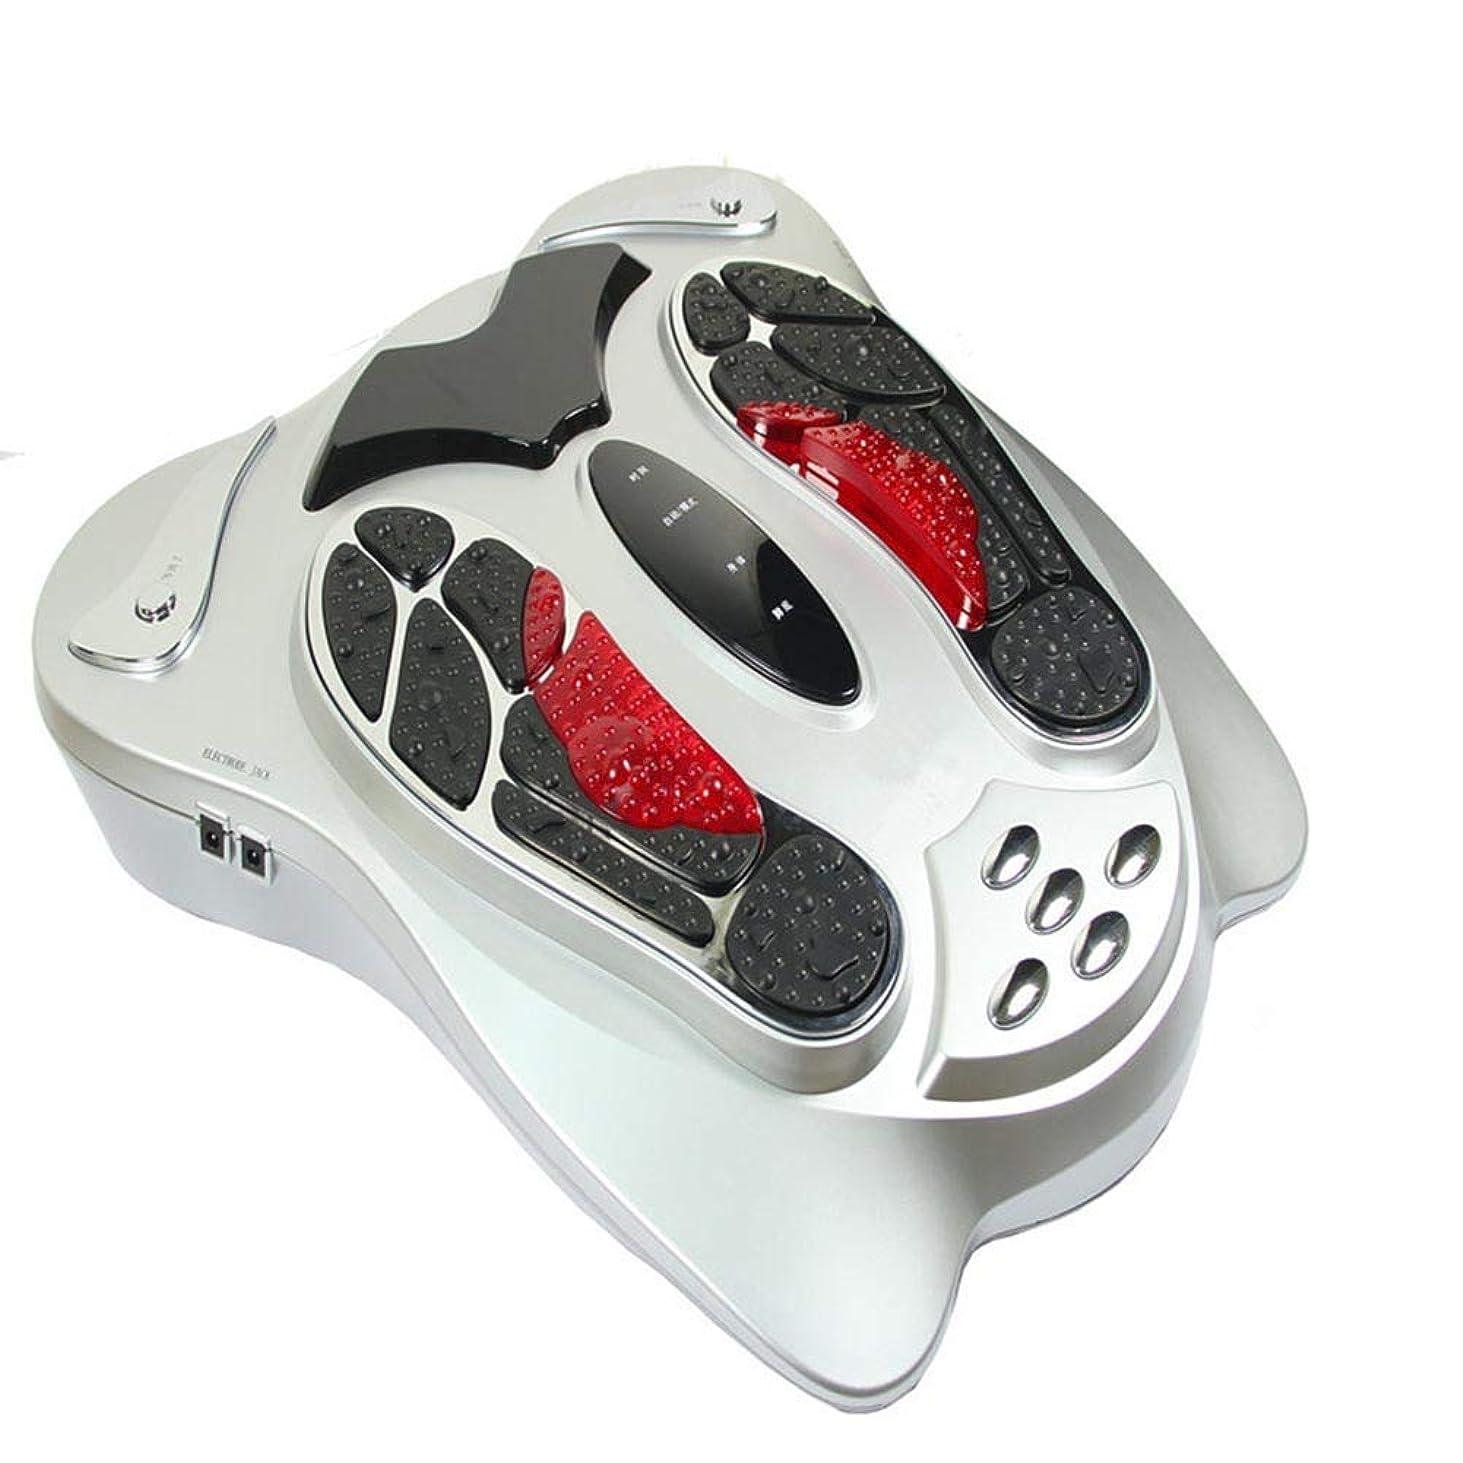 電磁式フットマッサージ、50のマッサージモード、99の調整可能な強度、フットケア、および自宅でのストレス緩和